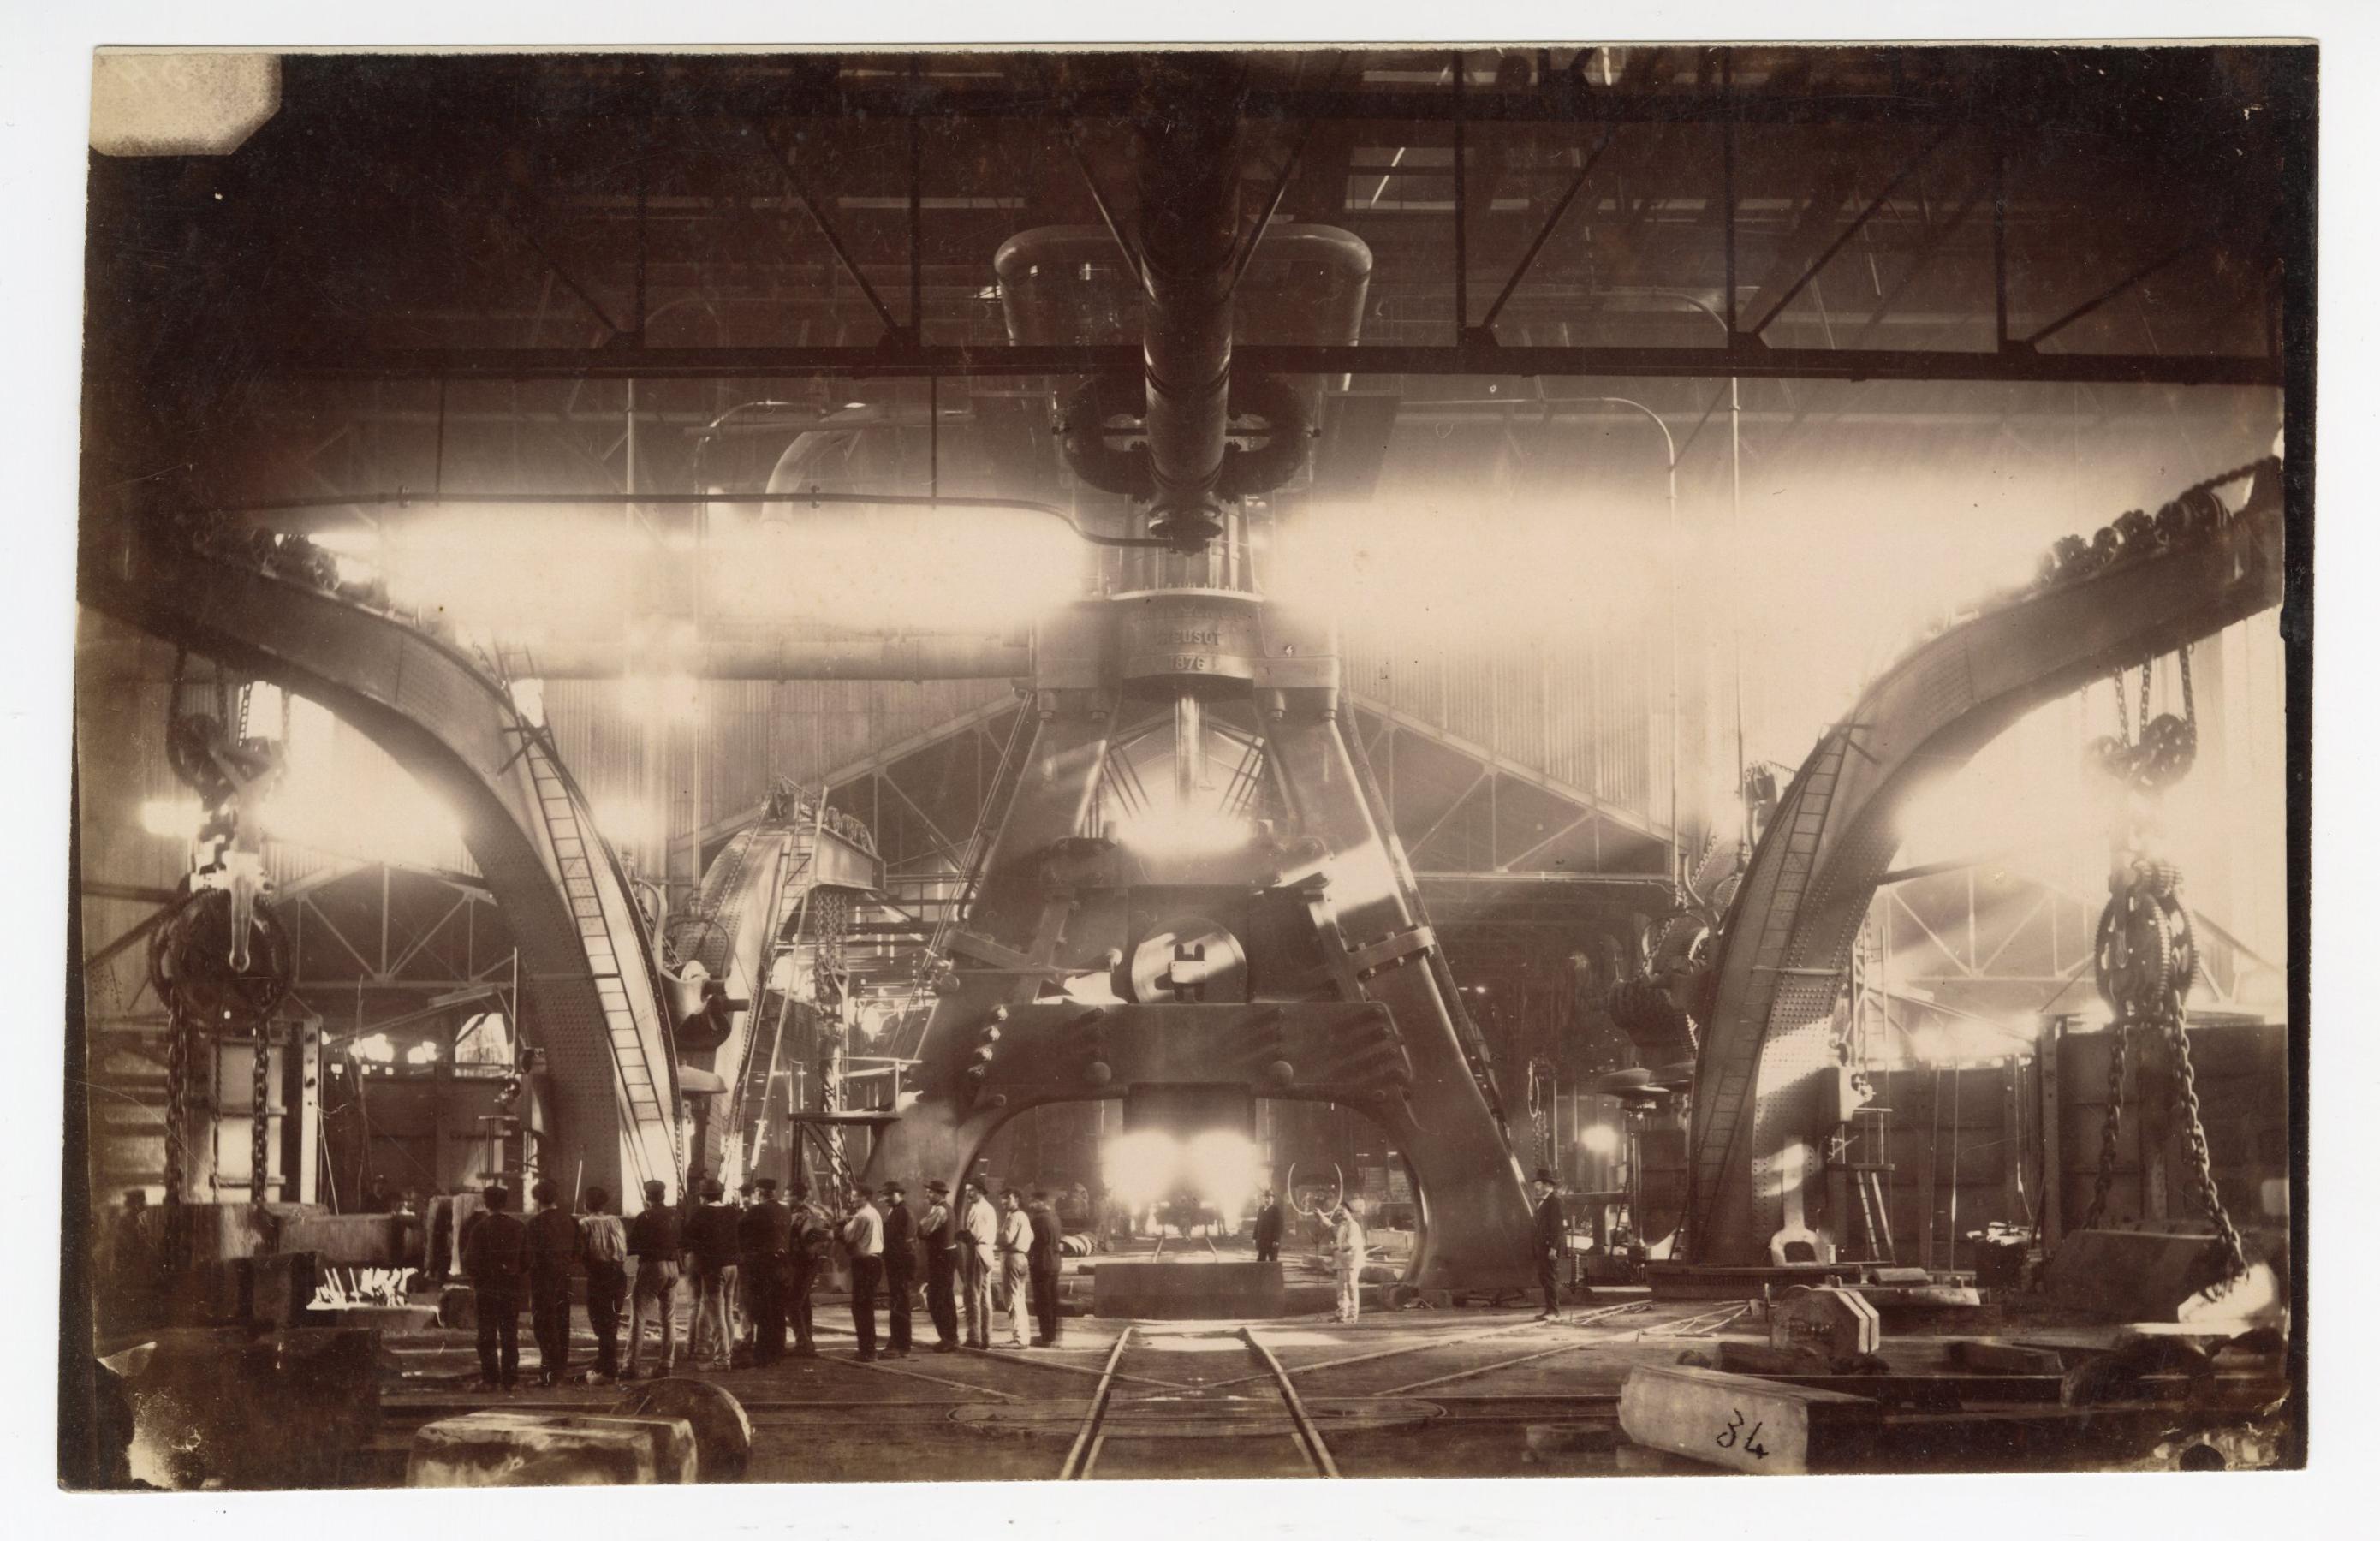 Travailleurs regroupés devant le marteau-pilon des aciéries Schneider : tirage photographique, Le Creusot (Saône-et-Loire), sans date.